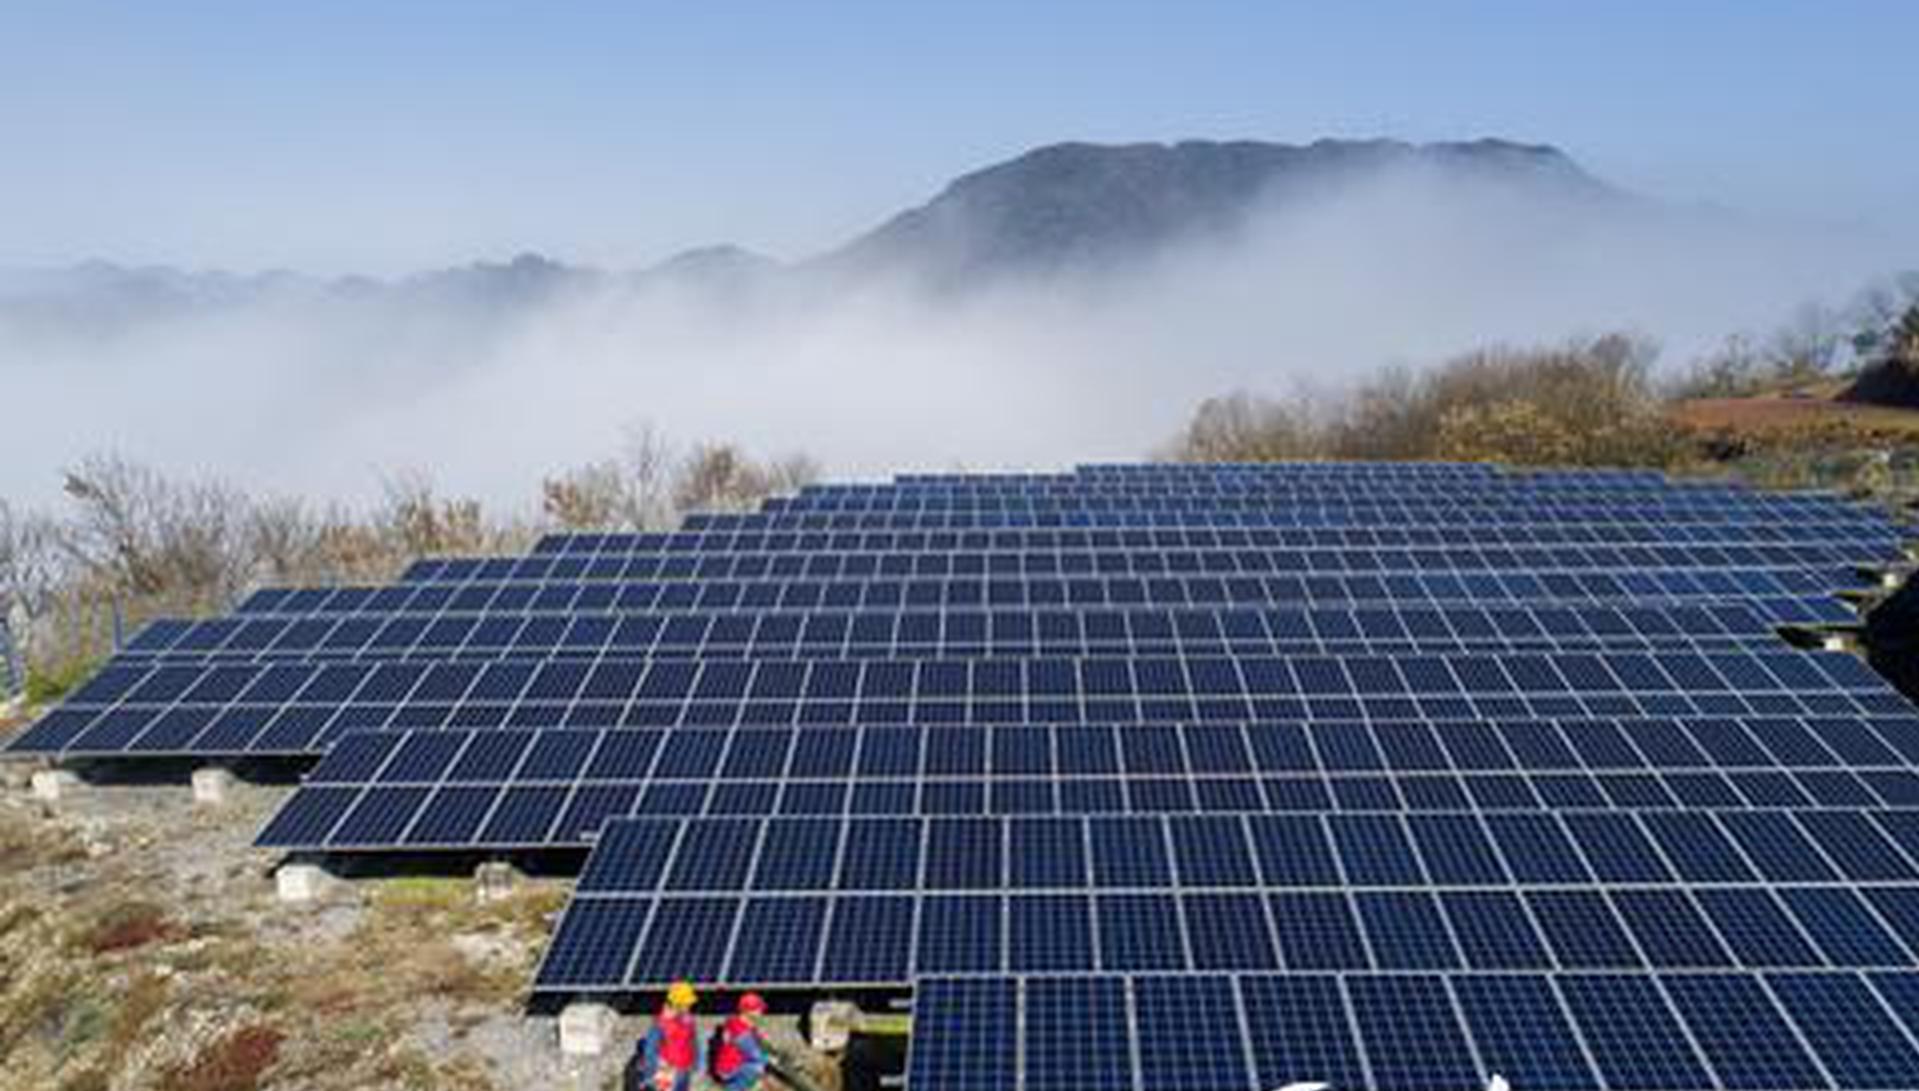 打造特色产业 湖南电力精准扶贫出实招